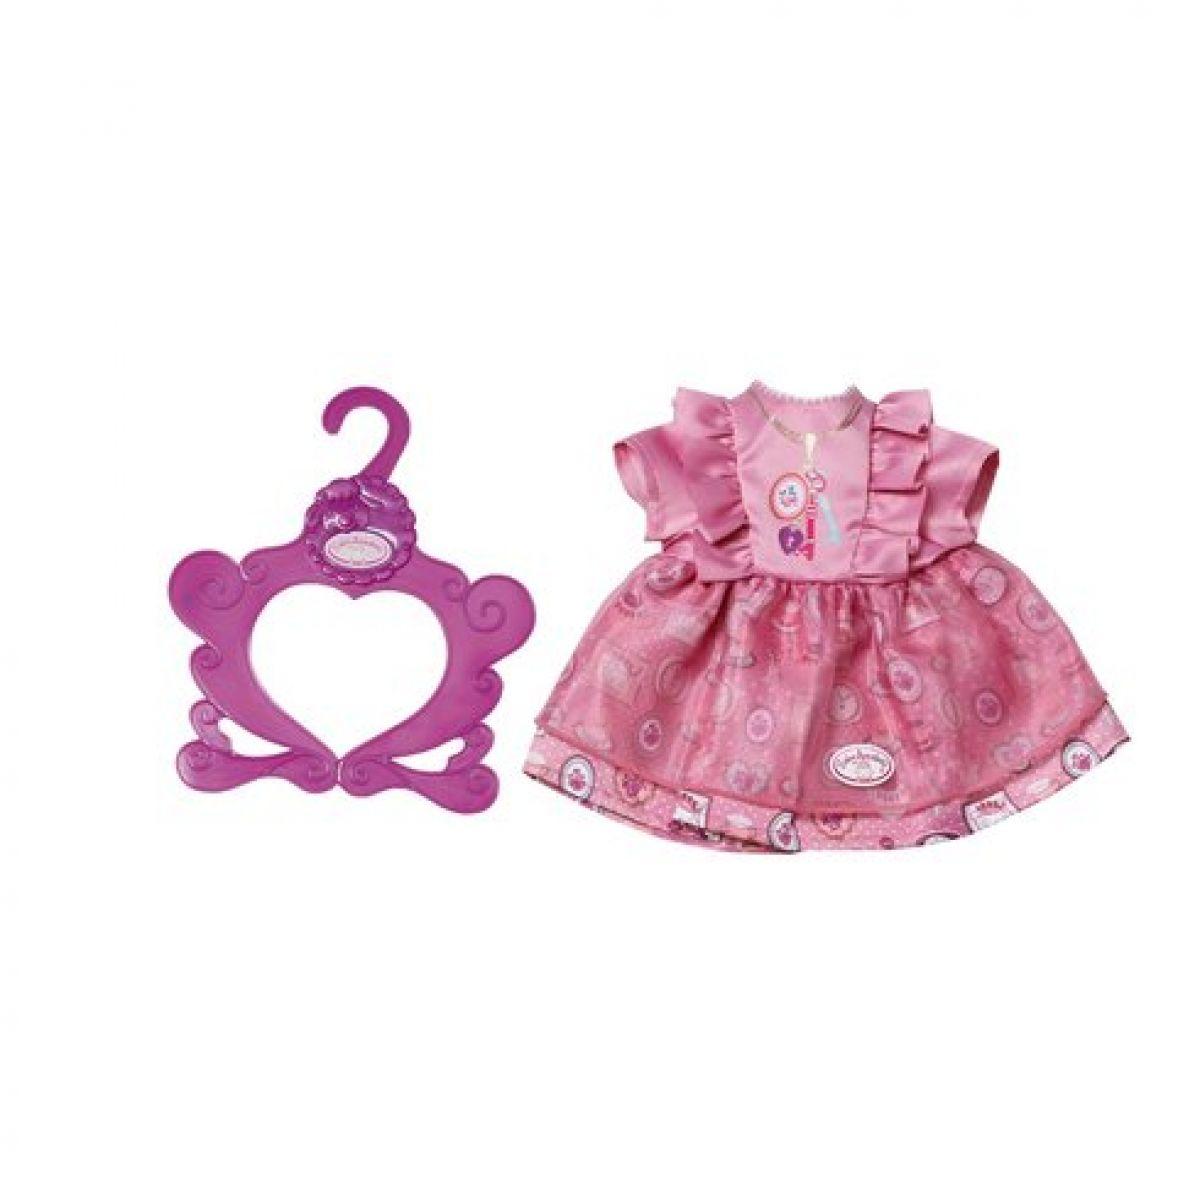 Baby Annabell Šatičky s ramínkem Světle fialové Klíče